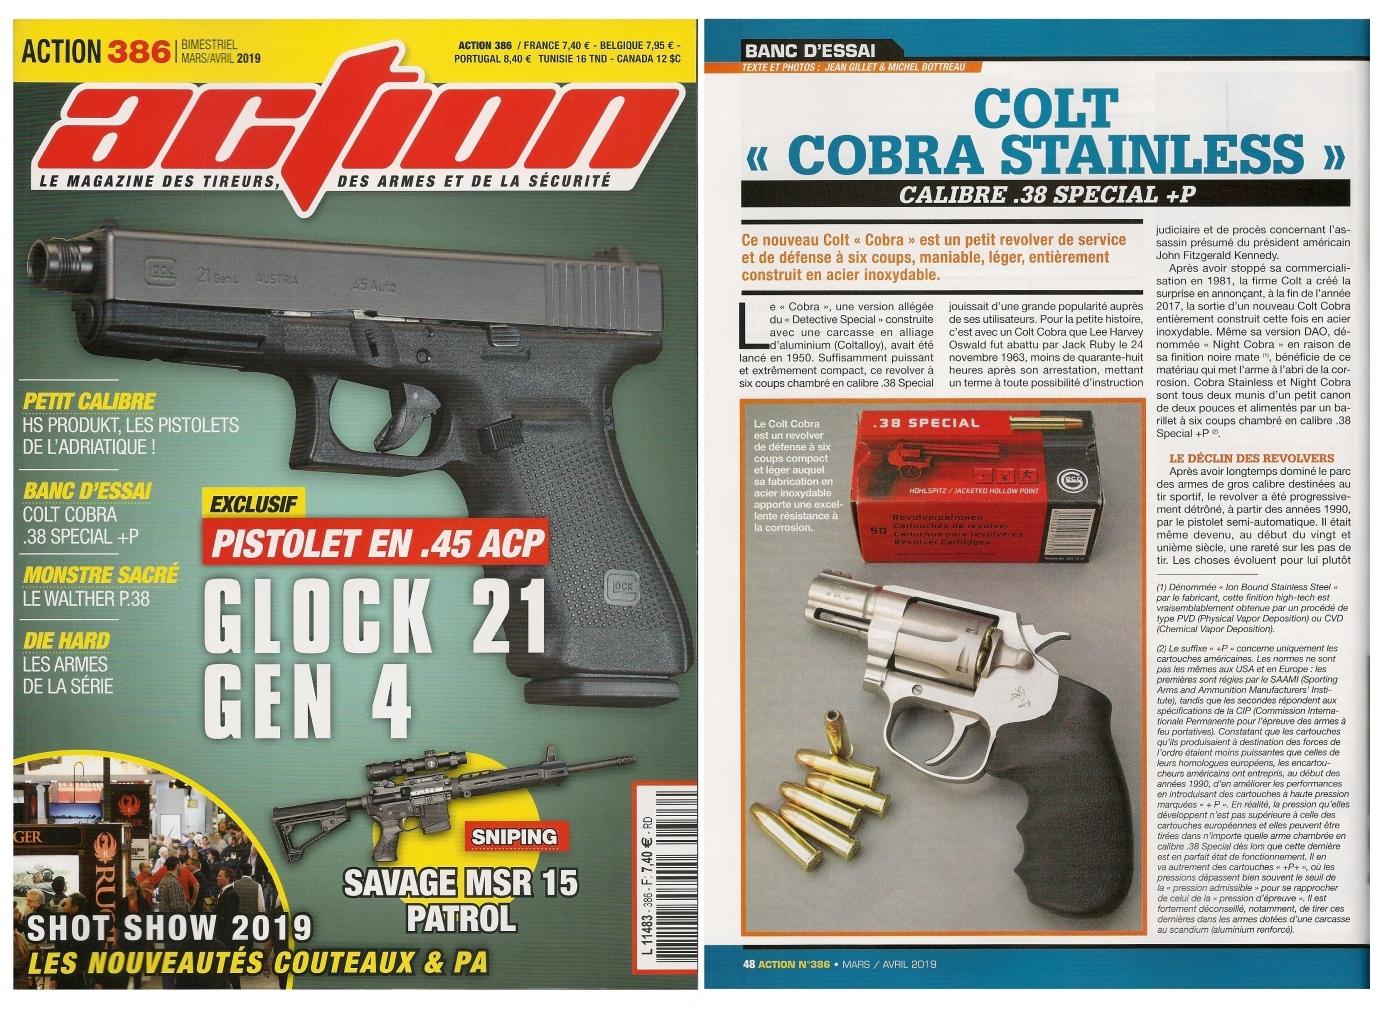 Le banc d'essai du revolver Colt Cobra Stainless a été publié sur 5 pages dans le magazine Action n°386 (mars/avril 2019).